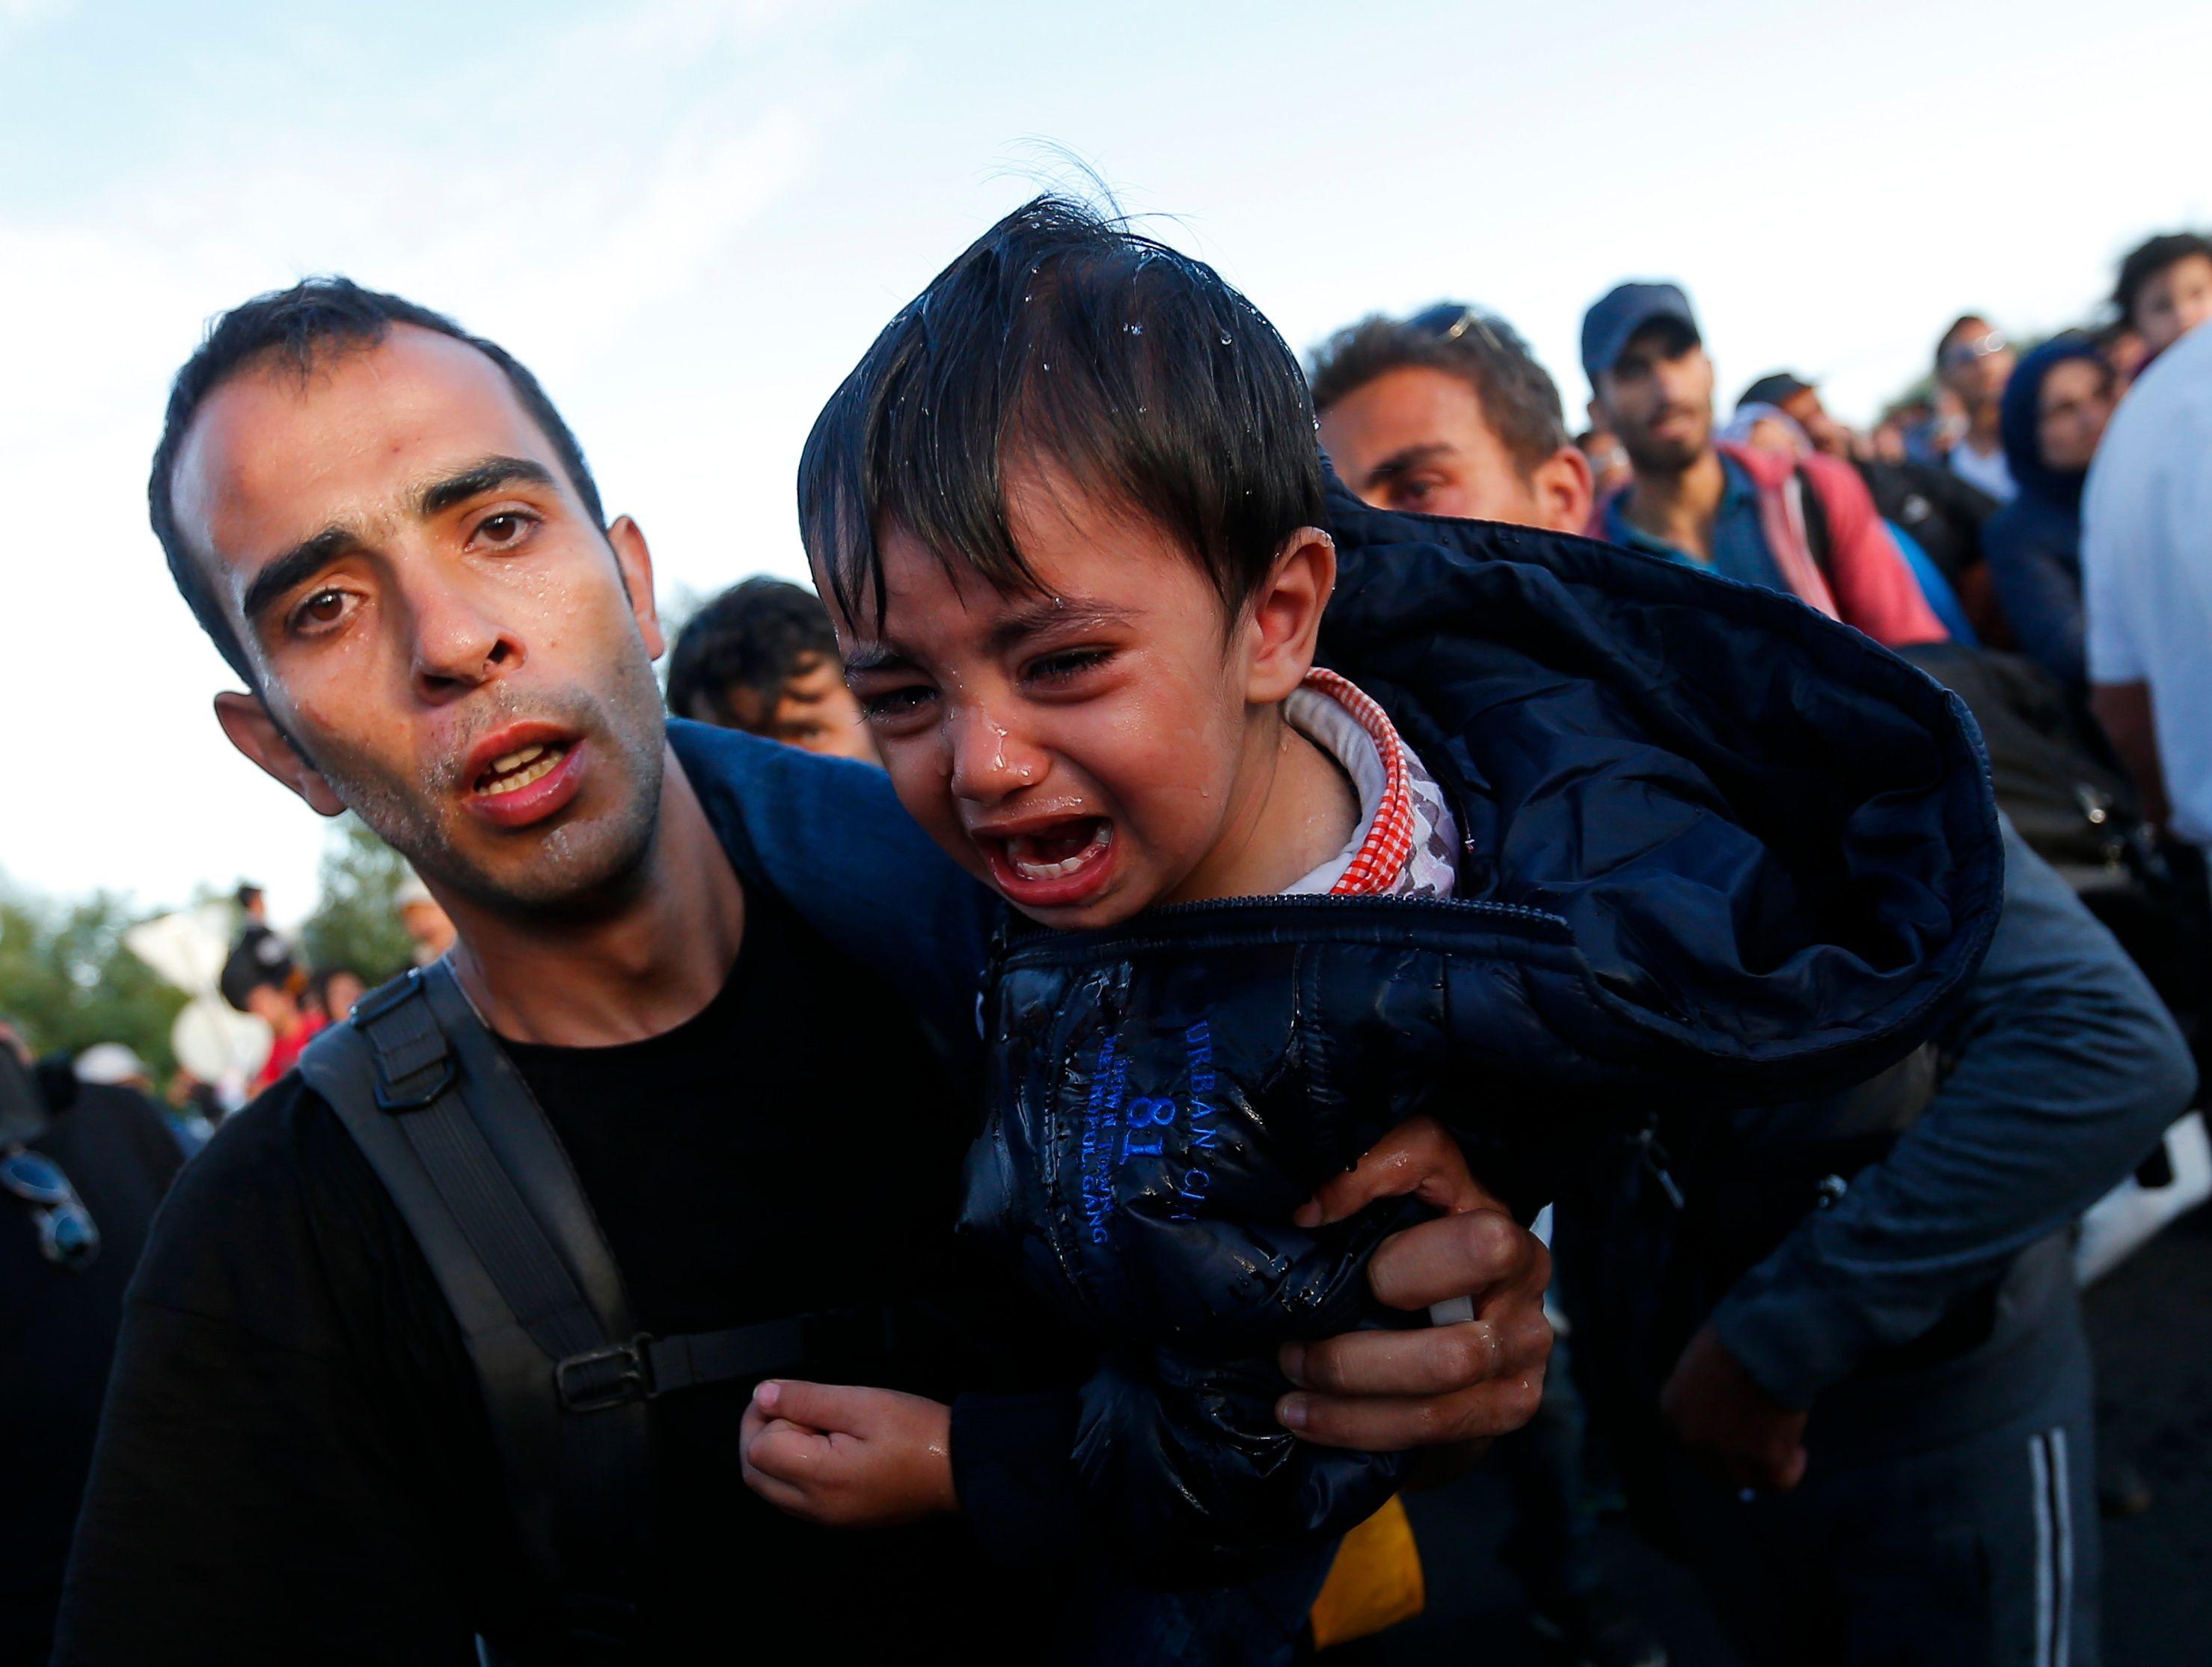 La Croatie dépassée par l'afflux de migrants ferme ses passages frontaliers avec la Serbie